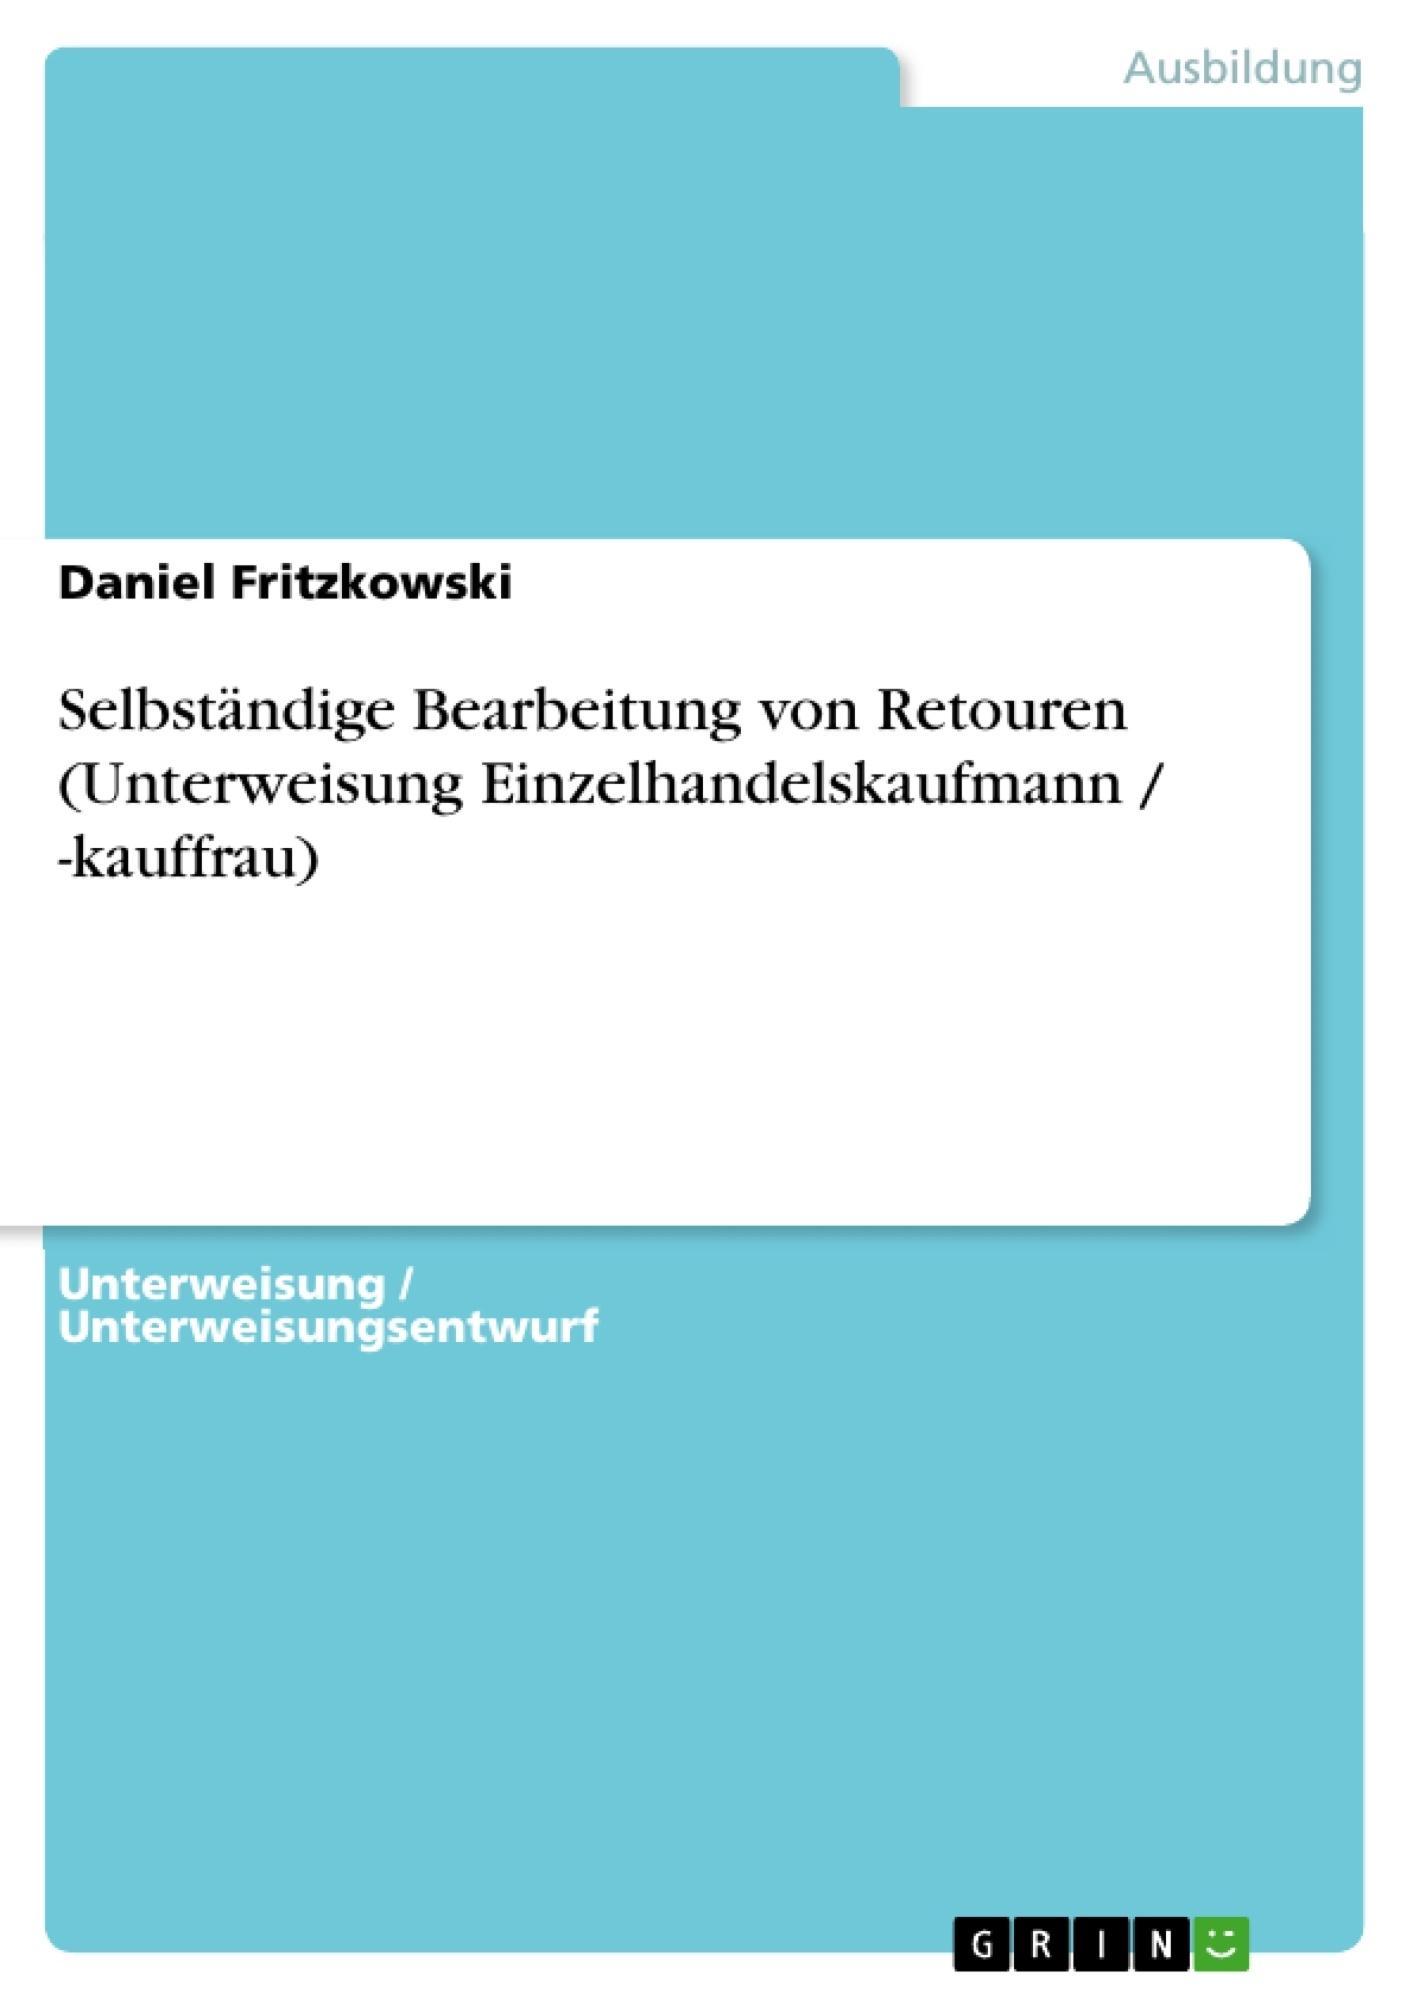 Titel: Selbständige Bearbeitung von Retouren (Unterweisung Einzelhandelskaufmann / -kauffrau)